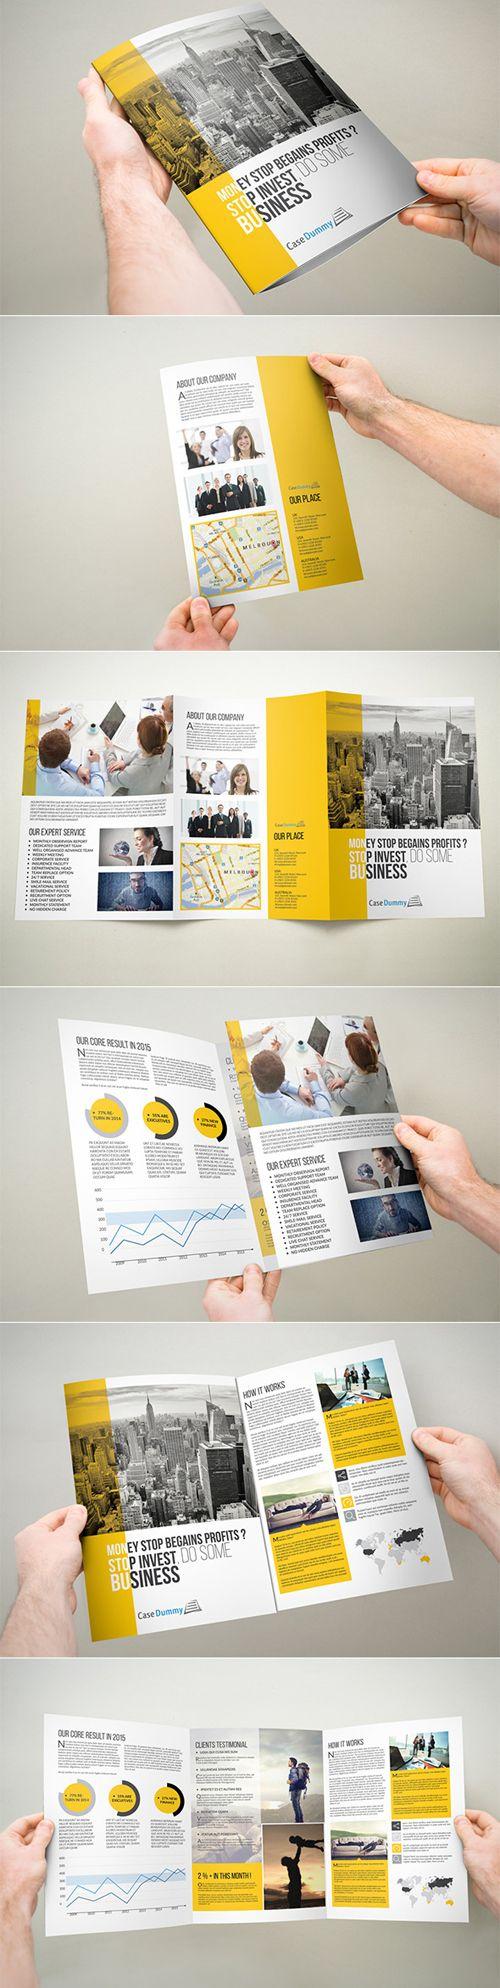 A4 Tri-fold Brochure Corporate Design | Brochure Design ...